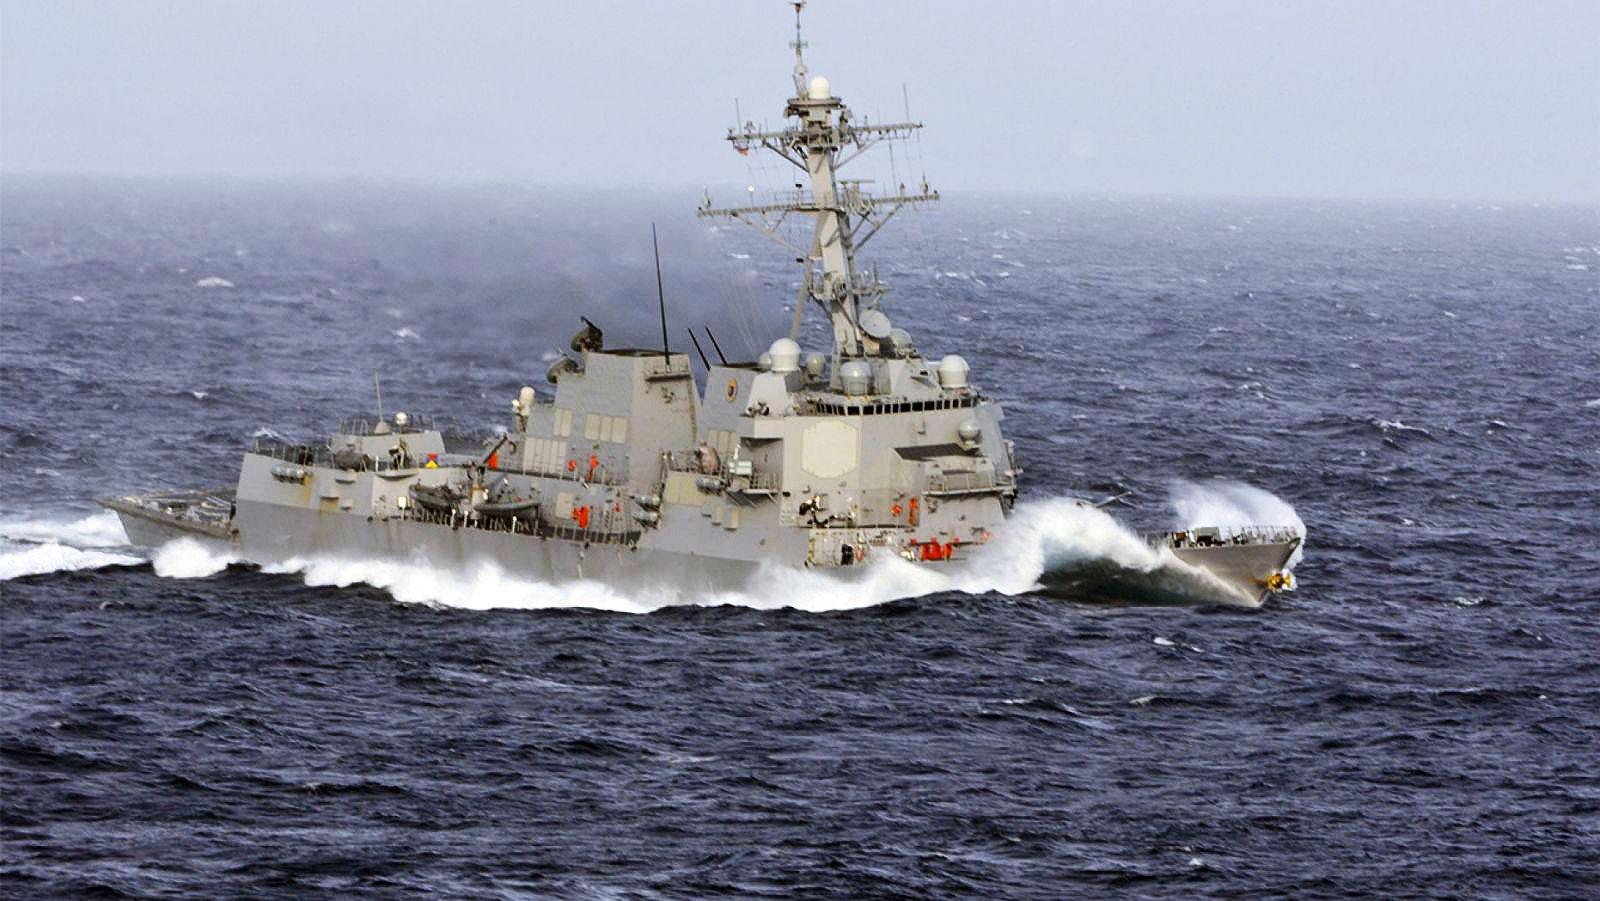 Tàu khu trục Wayne E. Meyer của Mỹ tuần tra trên Biển Đông. Ảnh: U.S. Navy